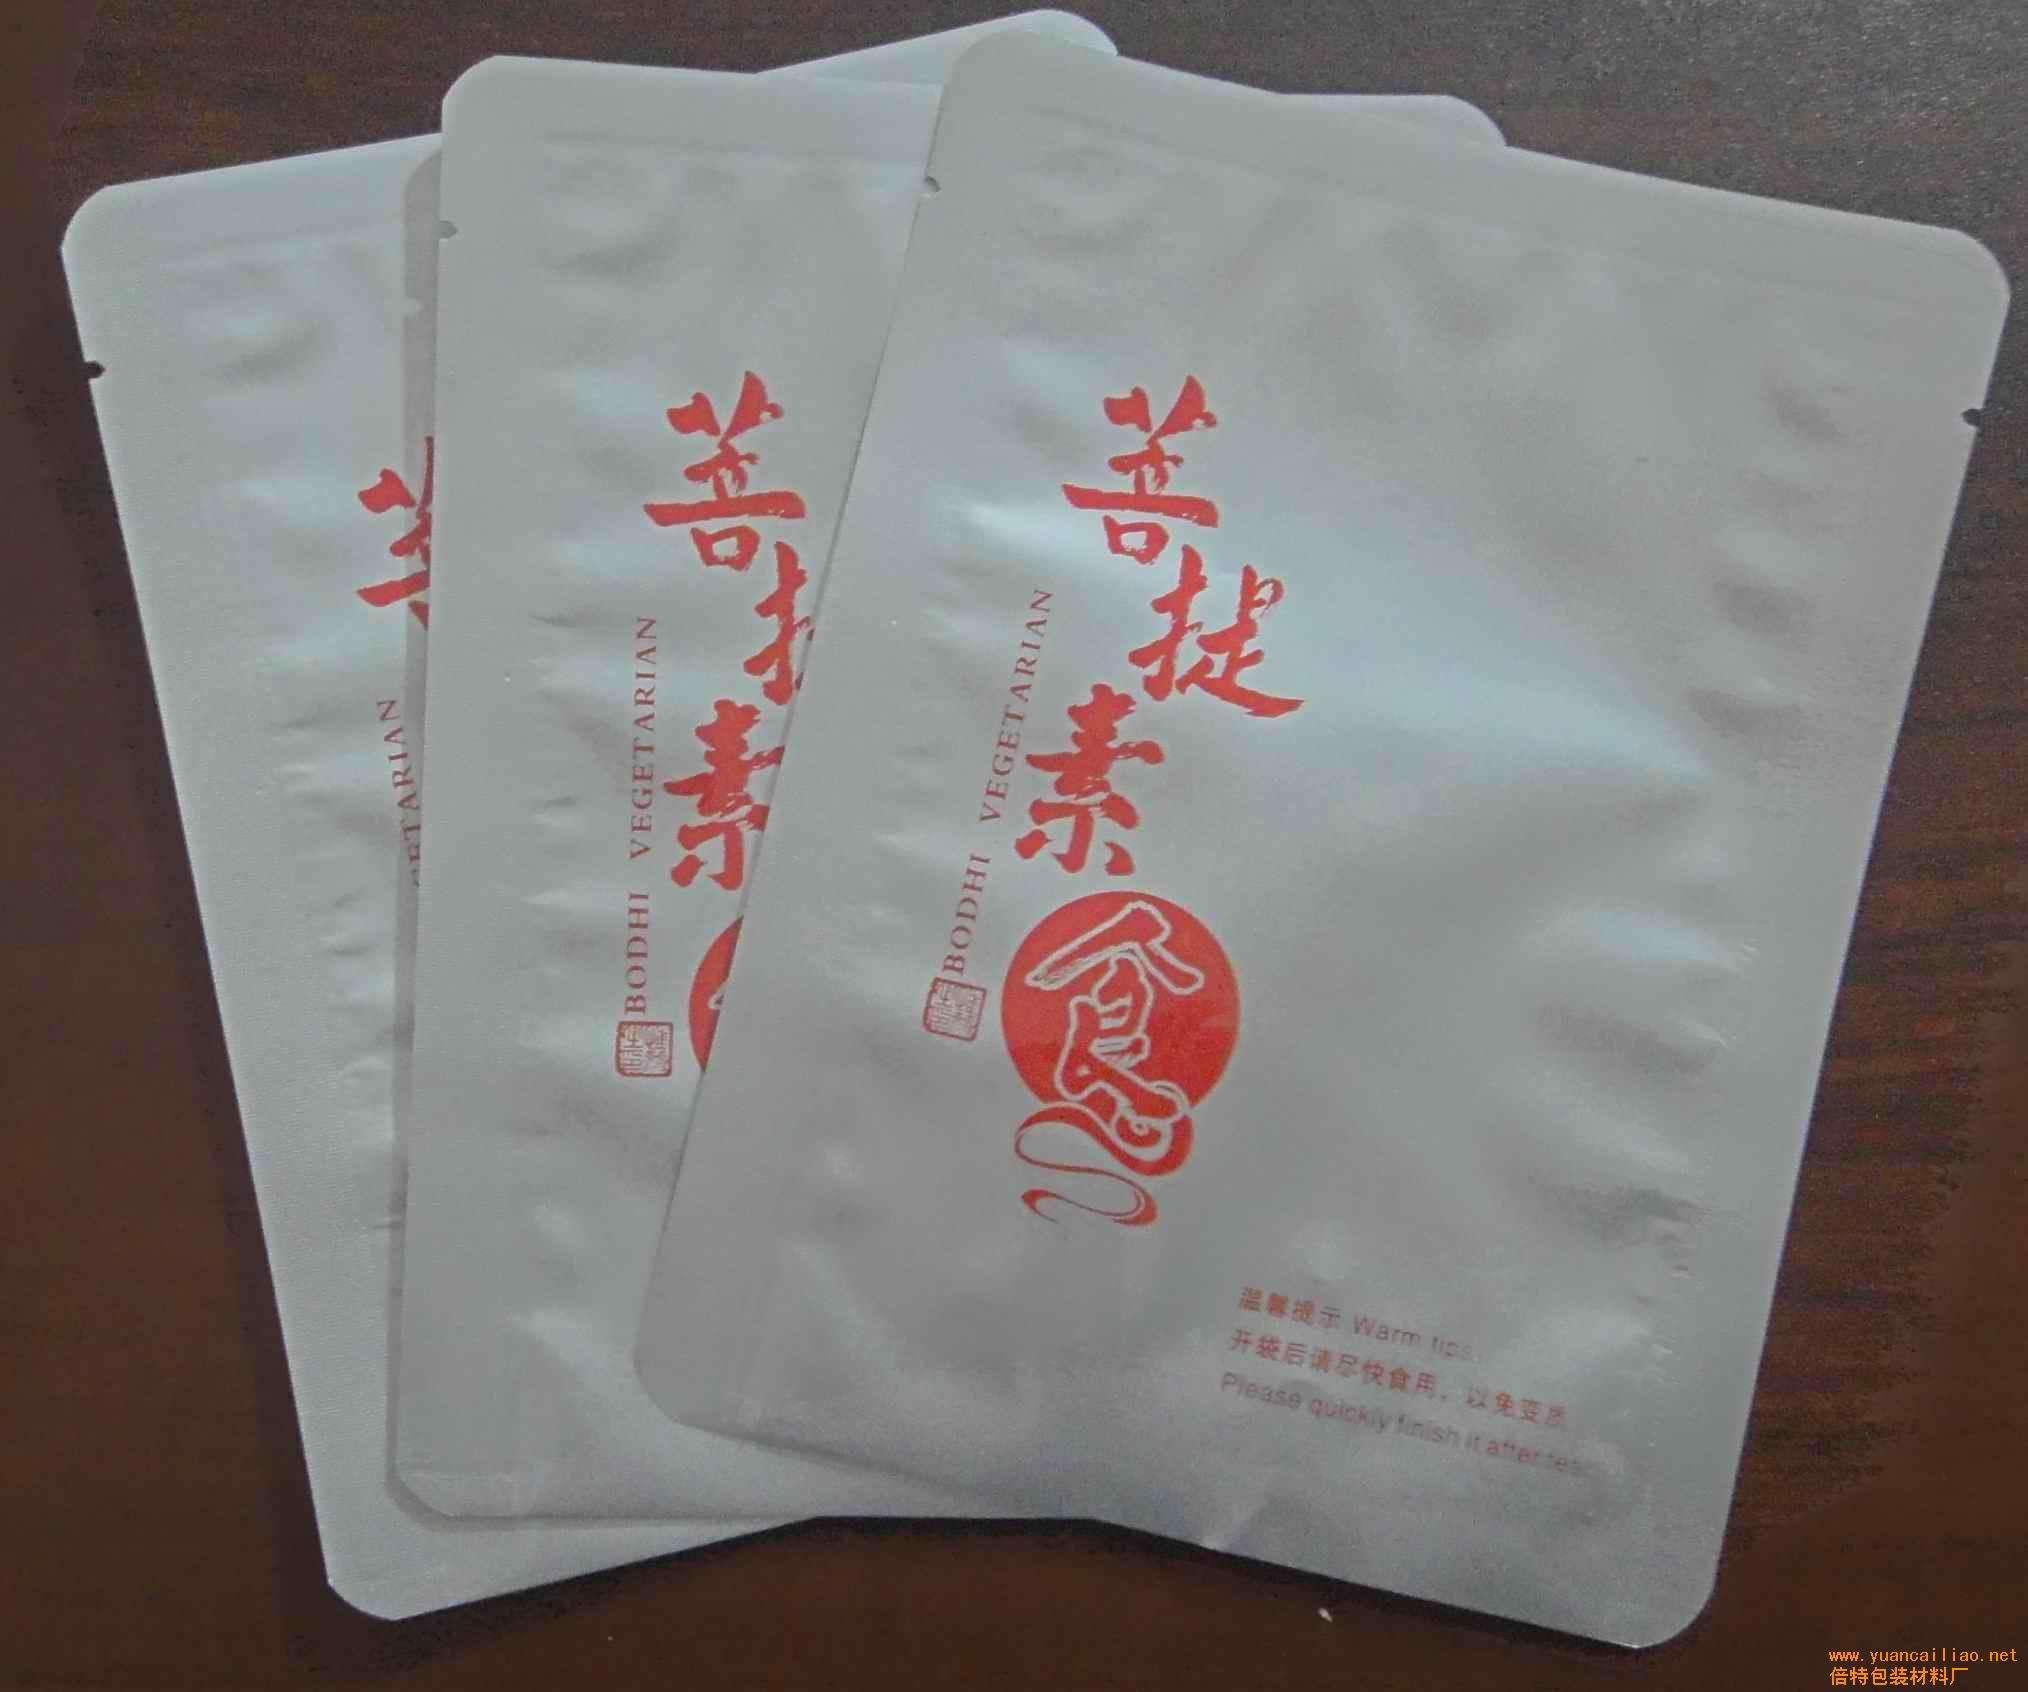 芜湖厂家专业生产销售真空铝箔袋材质优良